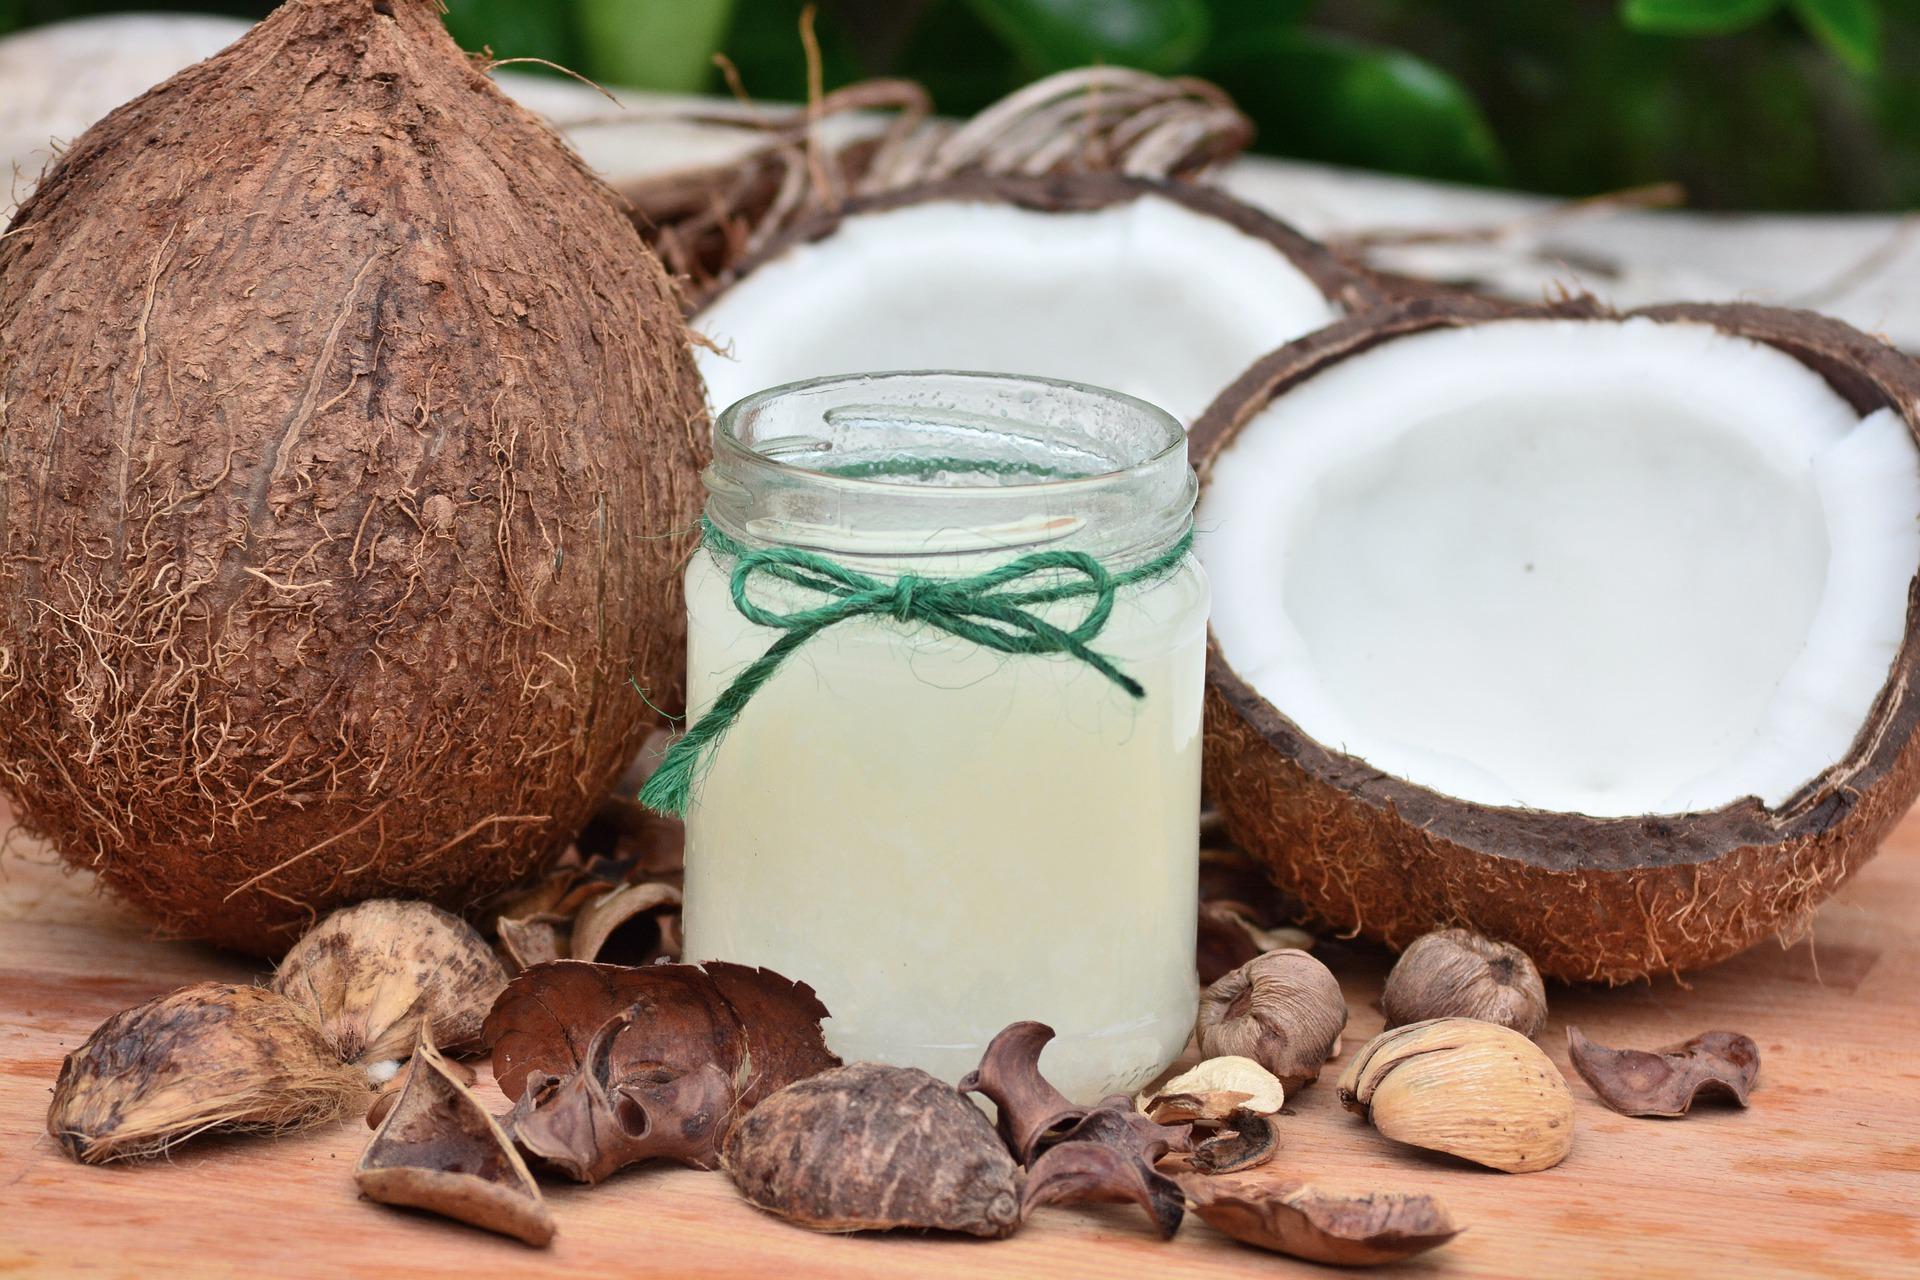 Kokosový olej zvolte čistě přírodní v bio kvalitě / foto: pixabay.com